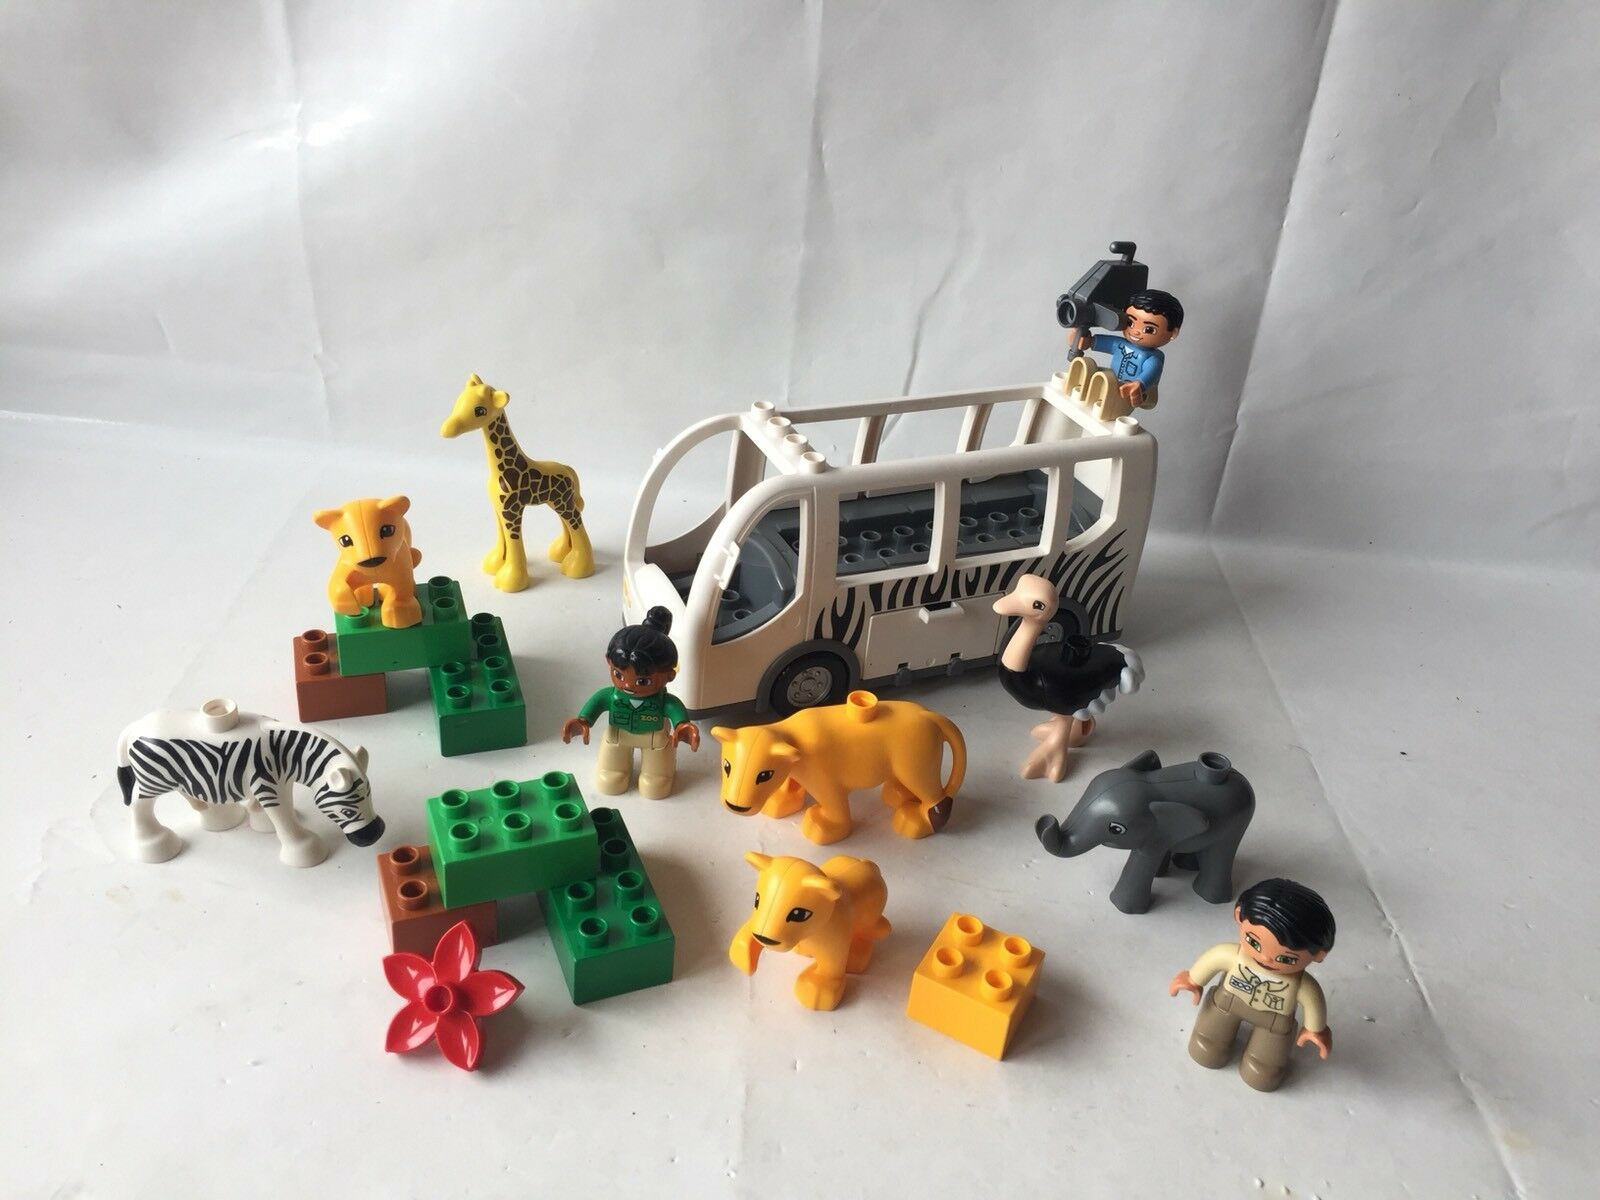 LEGO DUPLO VILLE ZOO SAFARI-Set 10502-Zoo autobus-Zebra, struzzo, Leonessa,  GIRAFFE  economico e di alta qualità